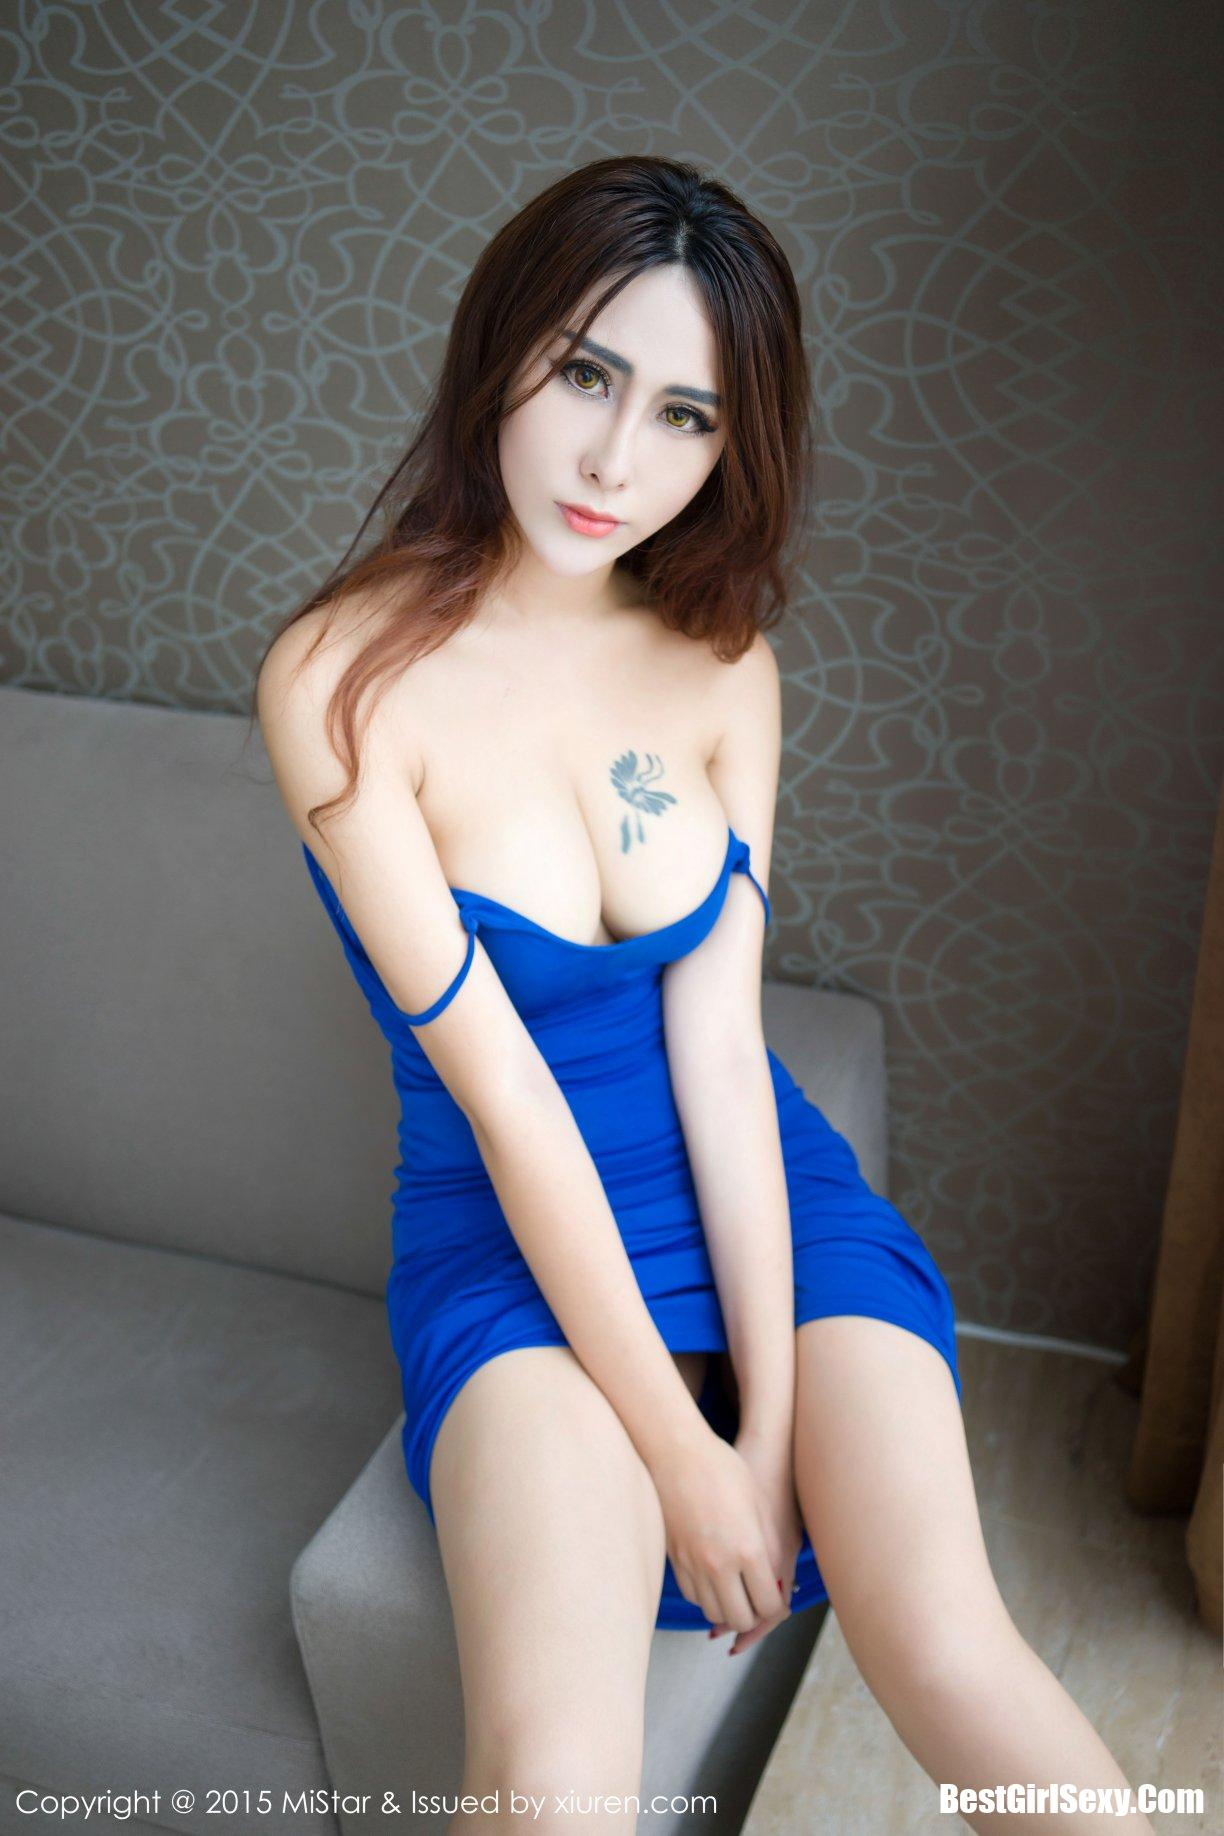 MiStar魅妍社 Vol.031 FoxYini Meng Hu Li, MiStar魅妍社 Vol.031, FoxYini孟狐狸, FoxYini Meng Hu Li